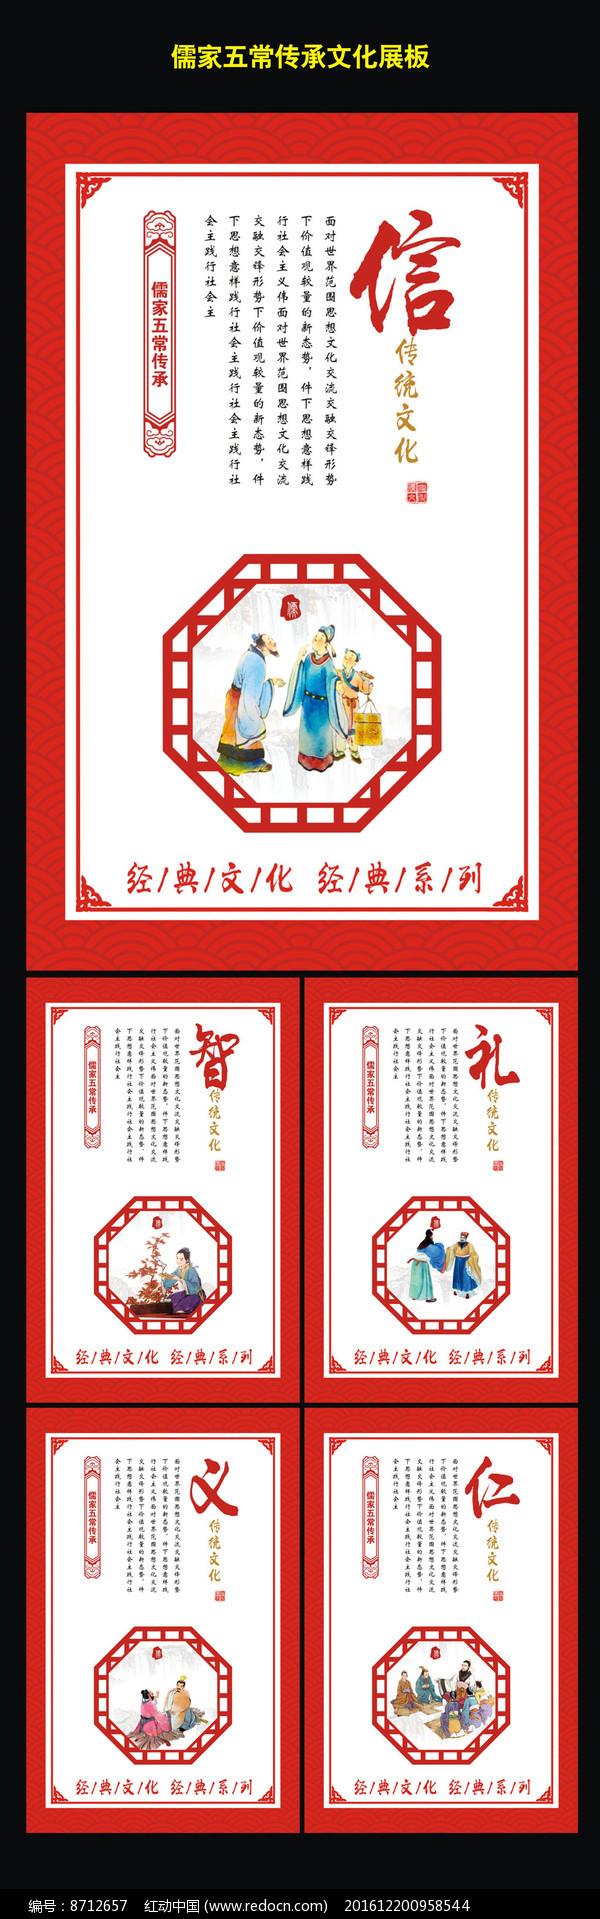 儒家文化展板图片